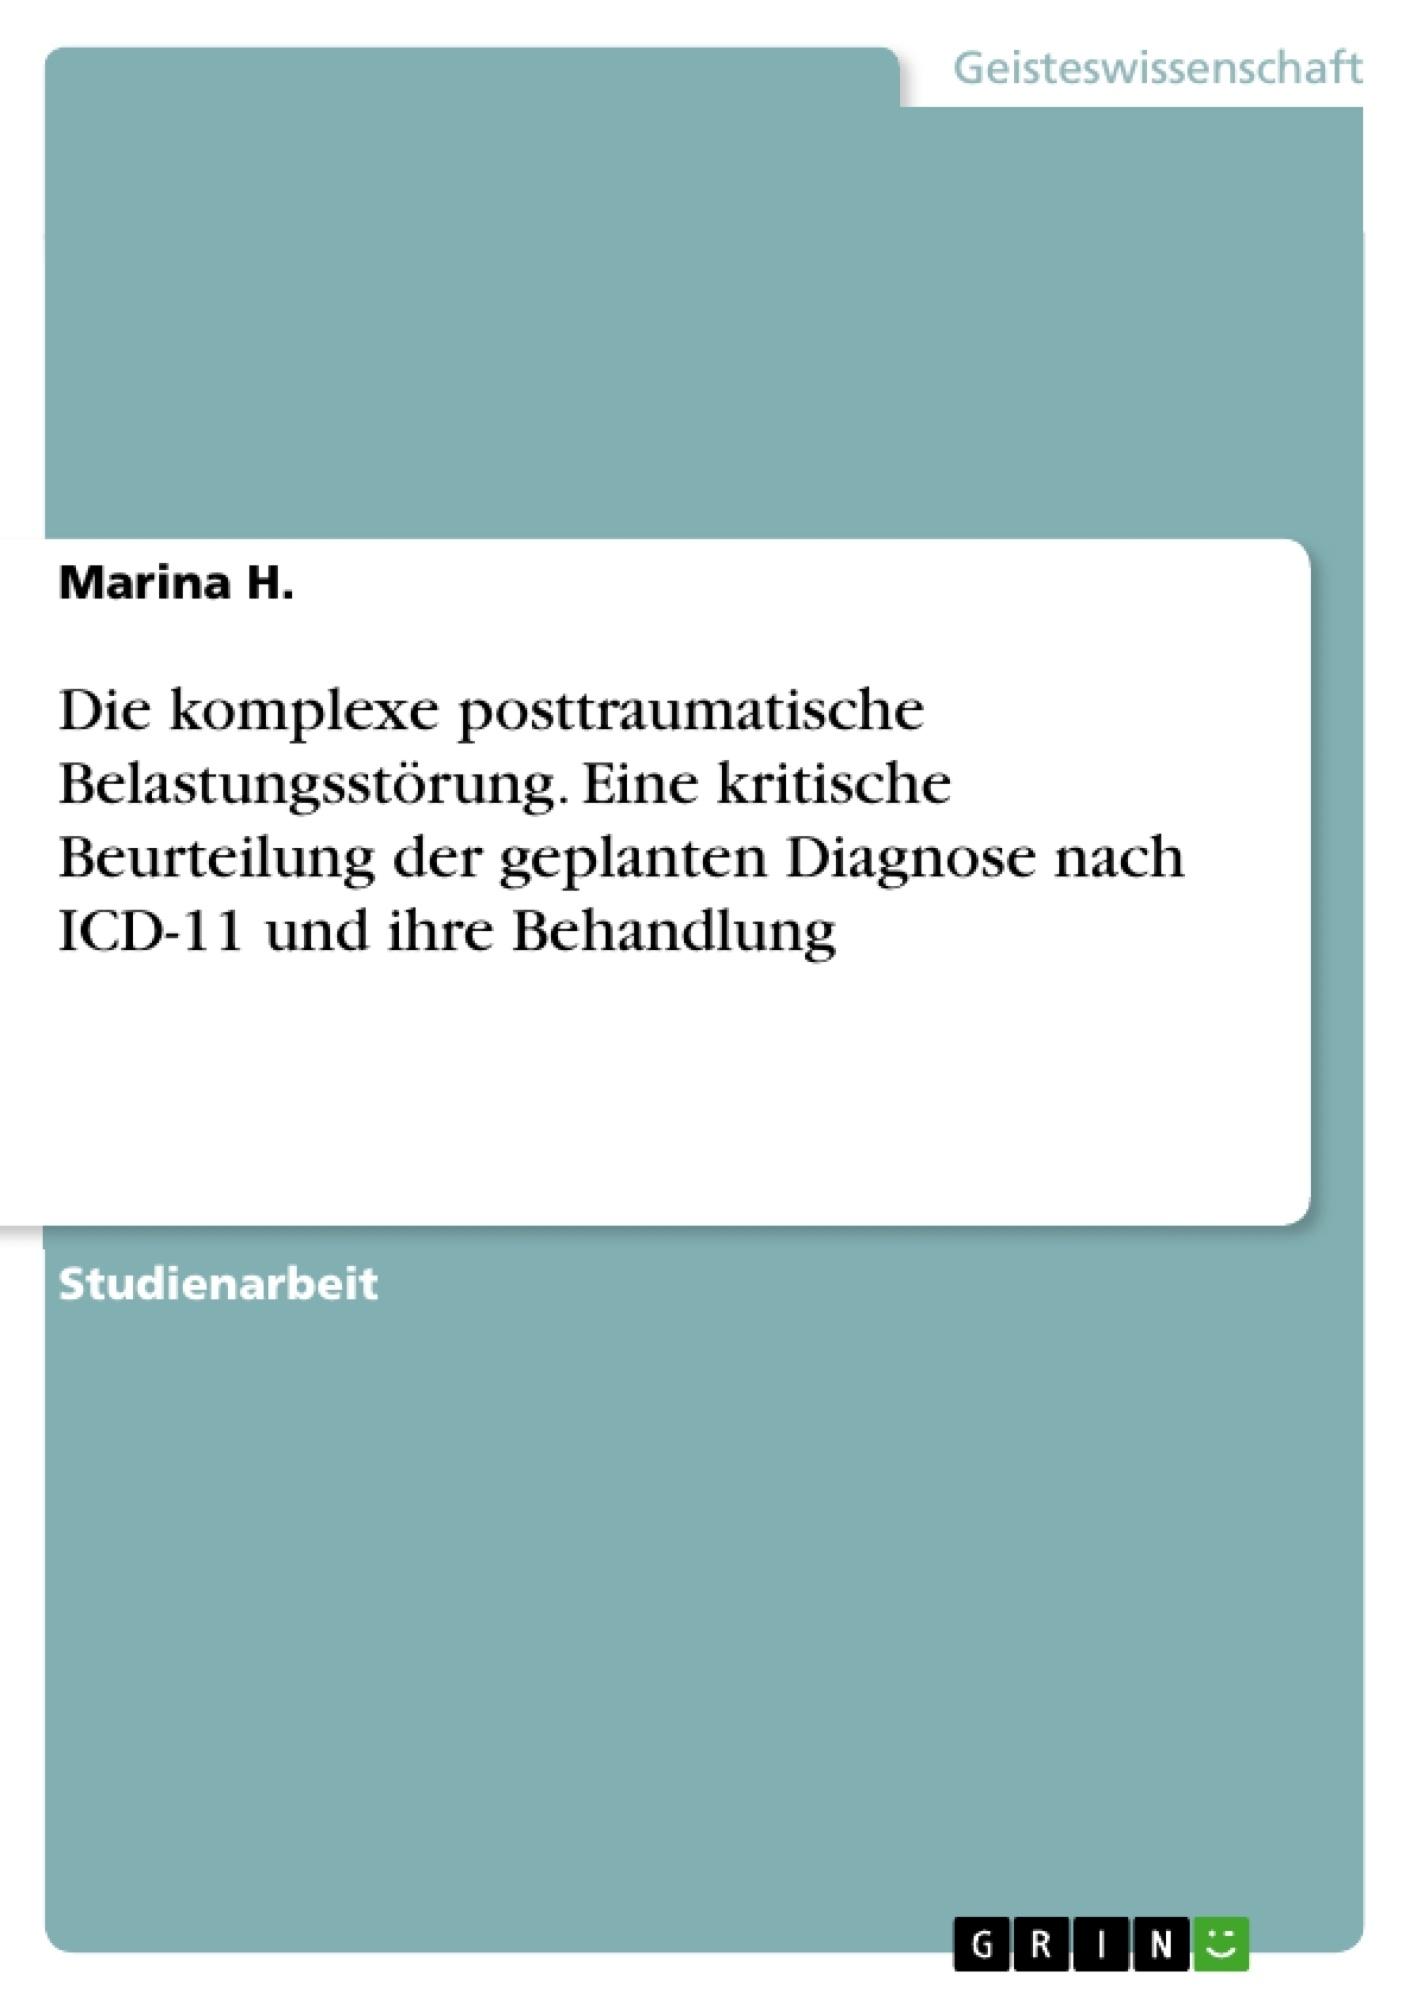 Titel: Die komplexe posttraumatische Belastungsstörung. Eine kritische Beurteilung der geplanten Diagnose nach ICD-11 und ihre Behandlung